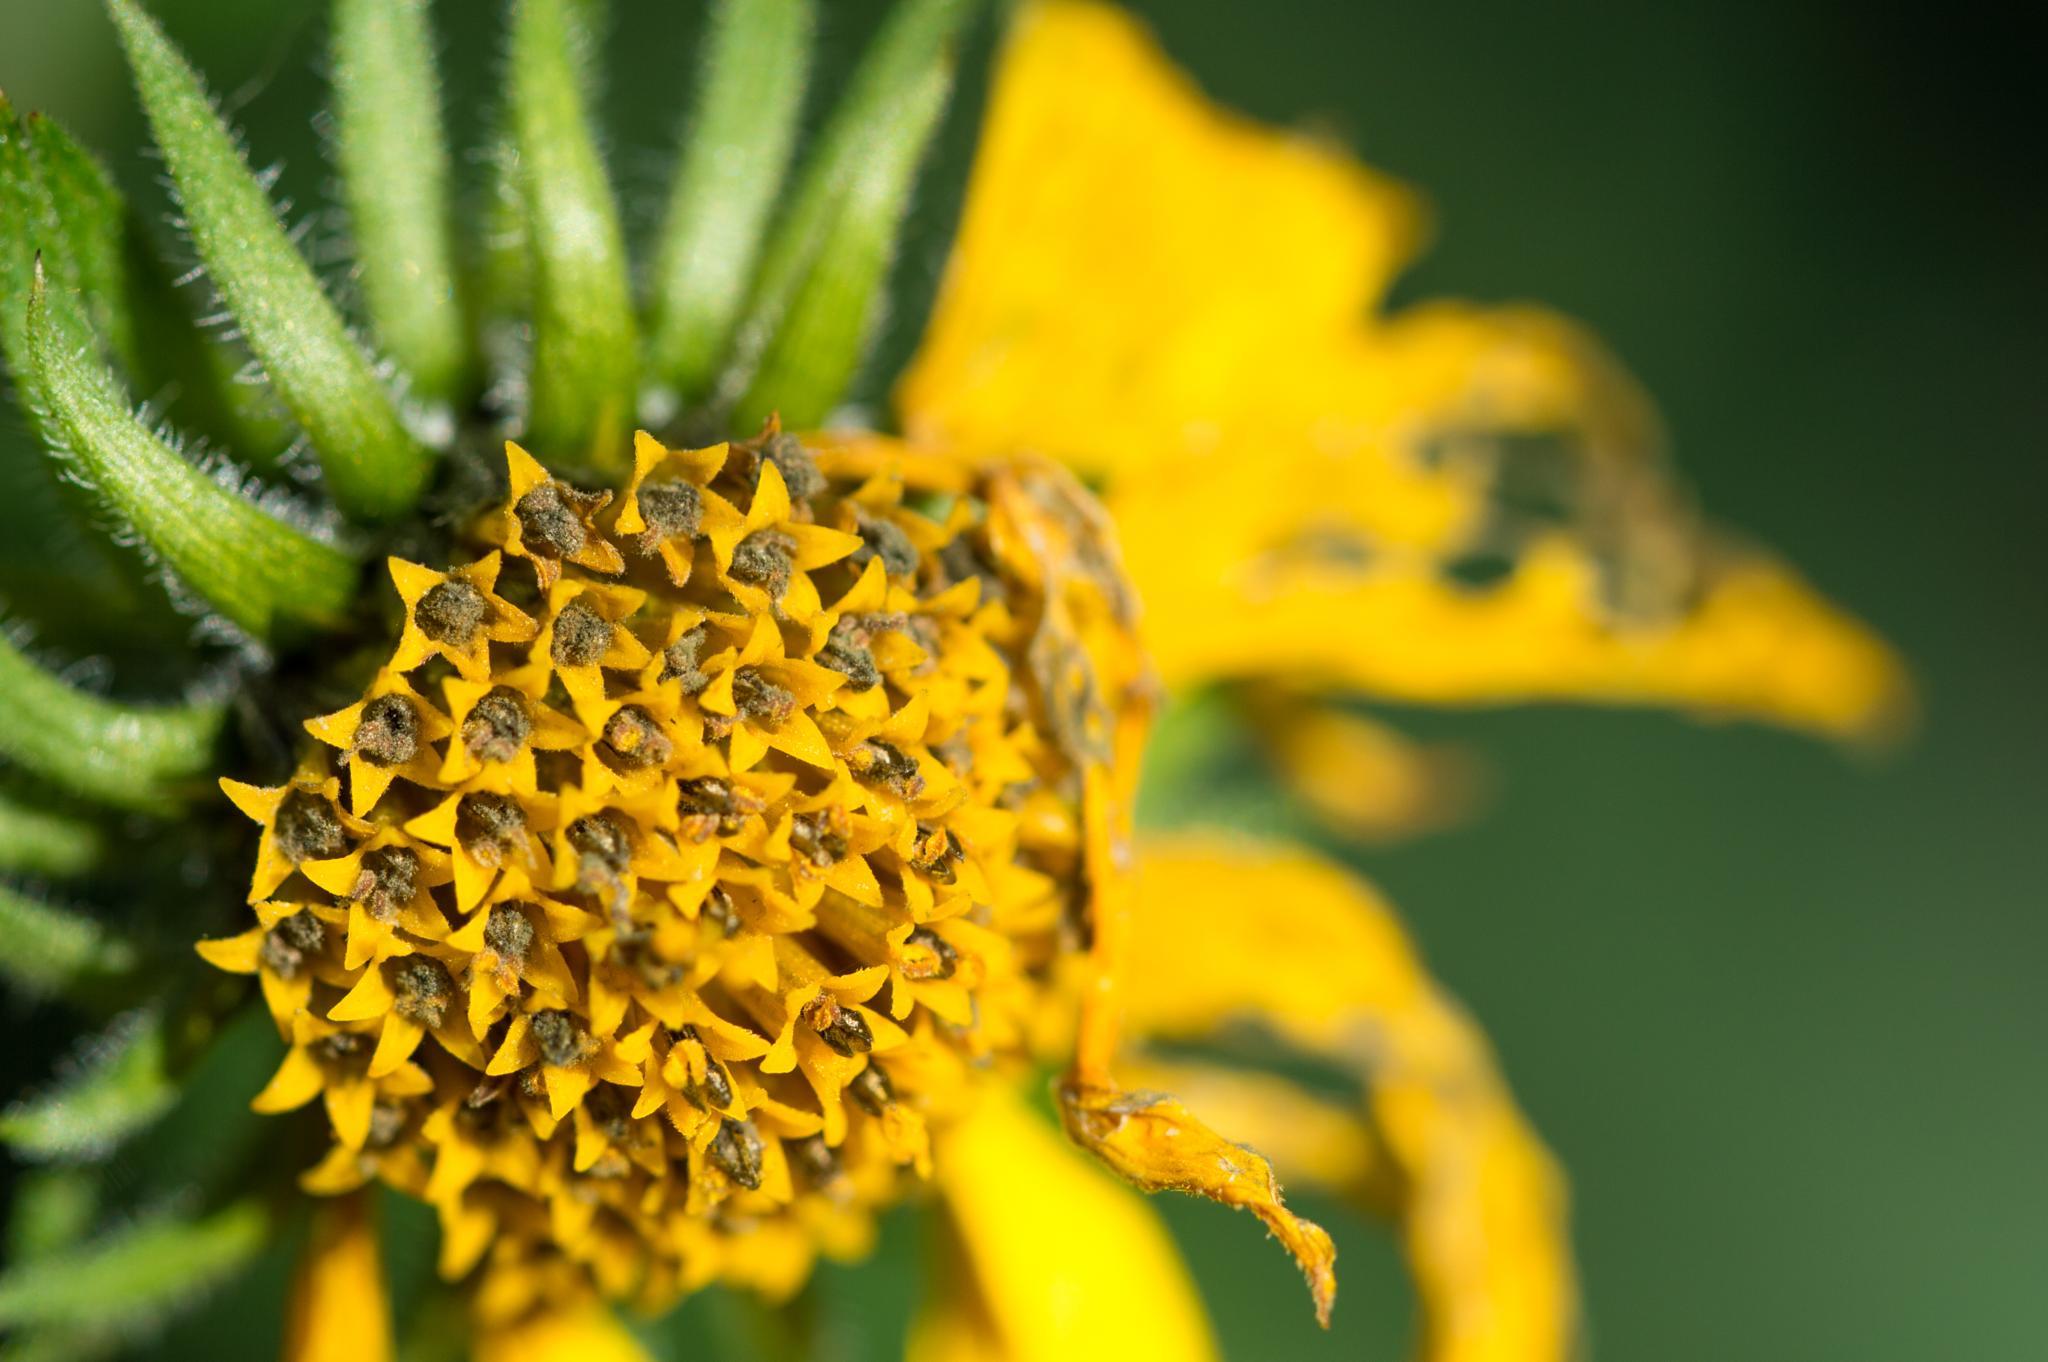 Dying flower by Floris Engelmann